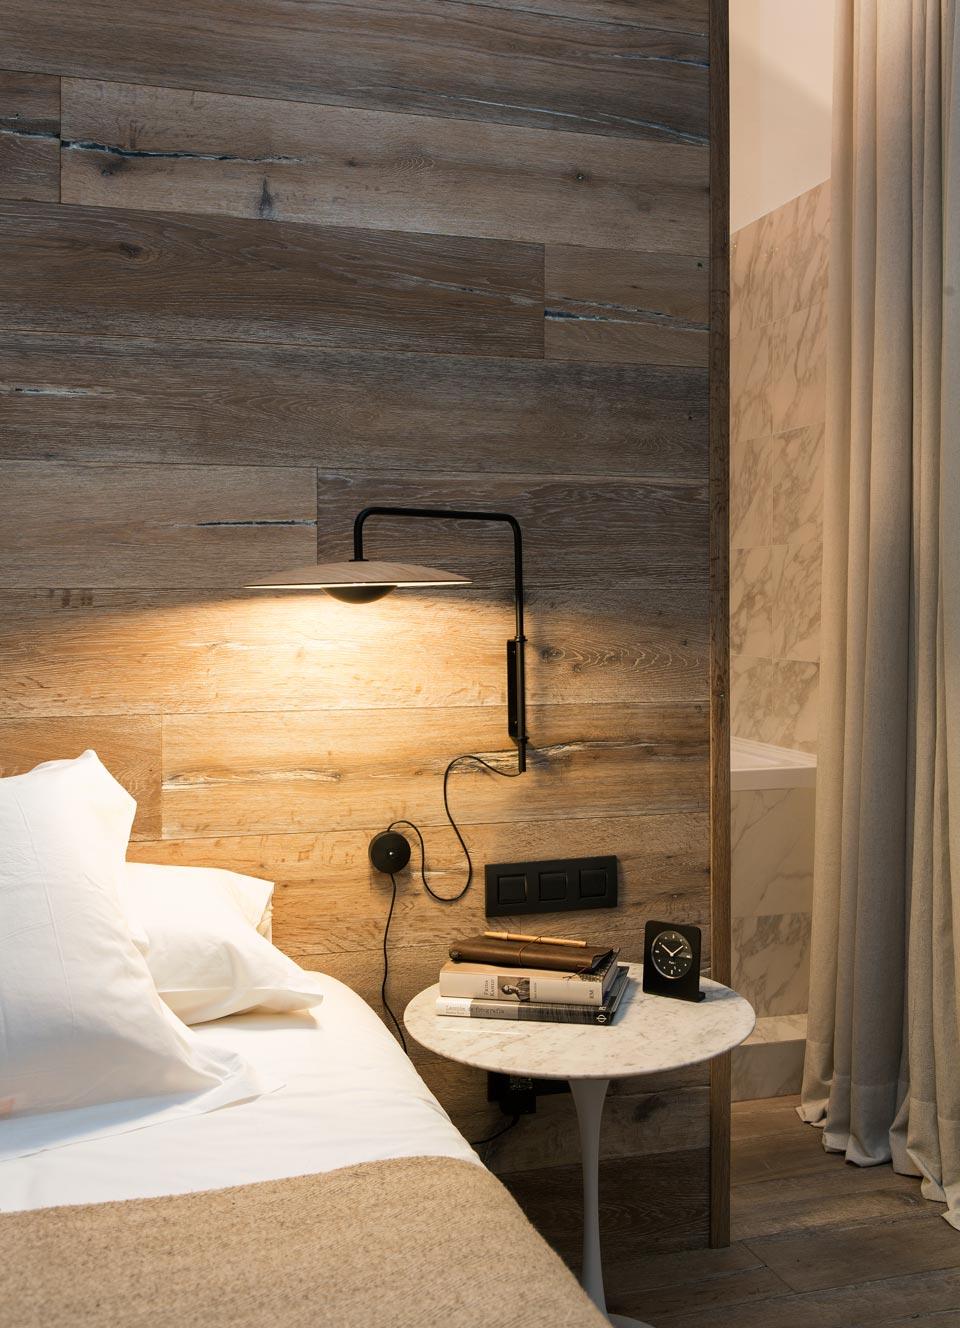 applique murale ginger en bois clair et m tal laqu noir mat douce diffusion de lumi re par. Black Bedroom Furniture Sets. Home Design Ideas